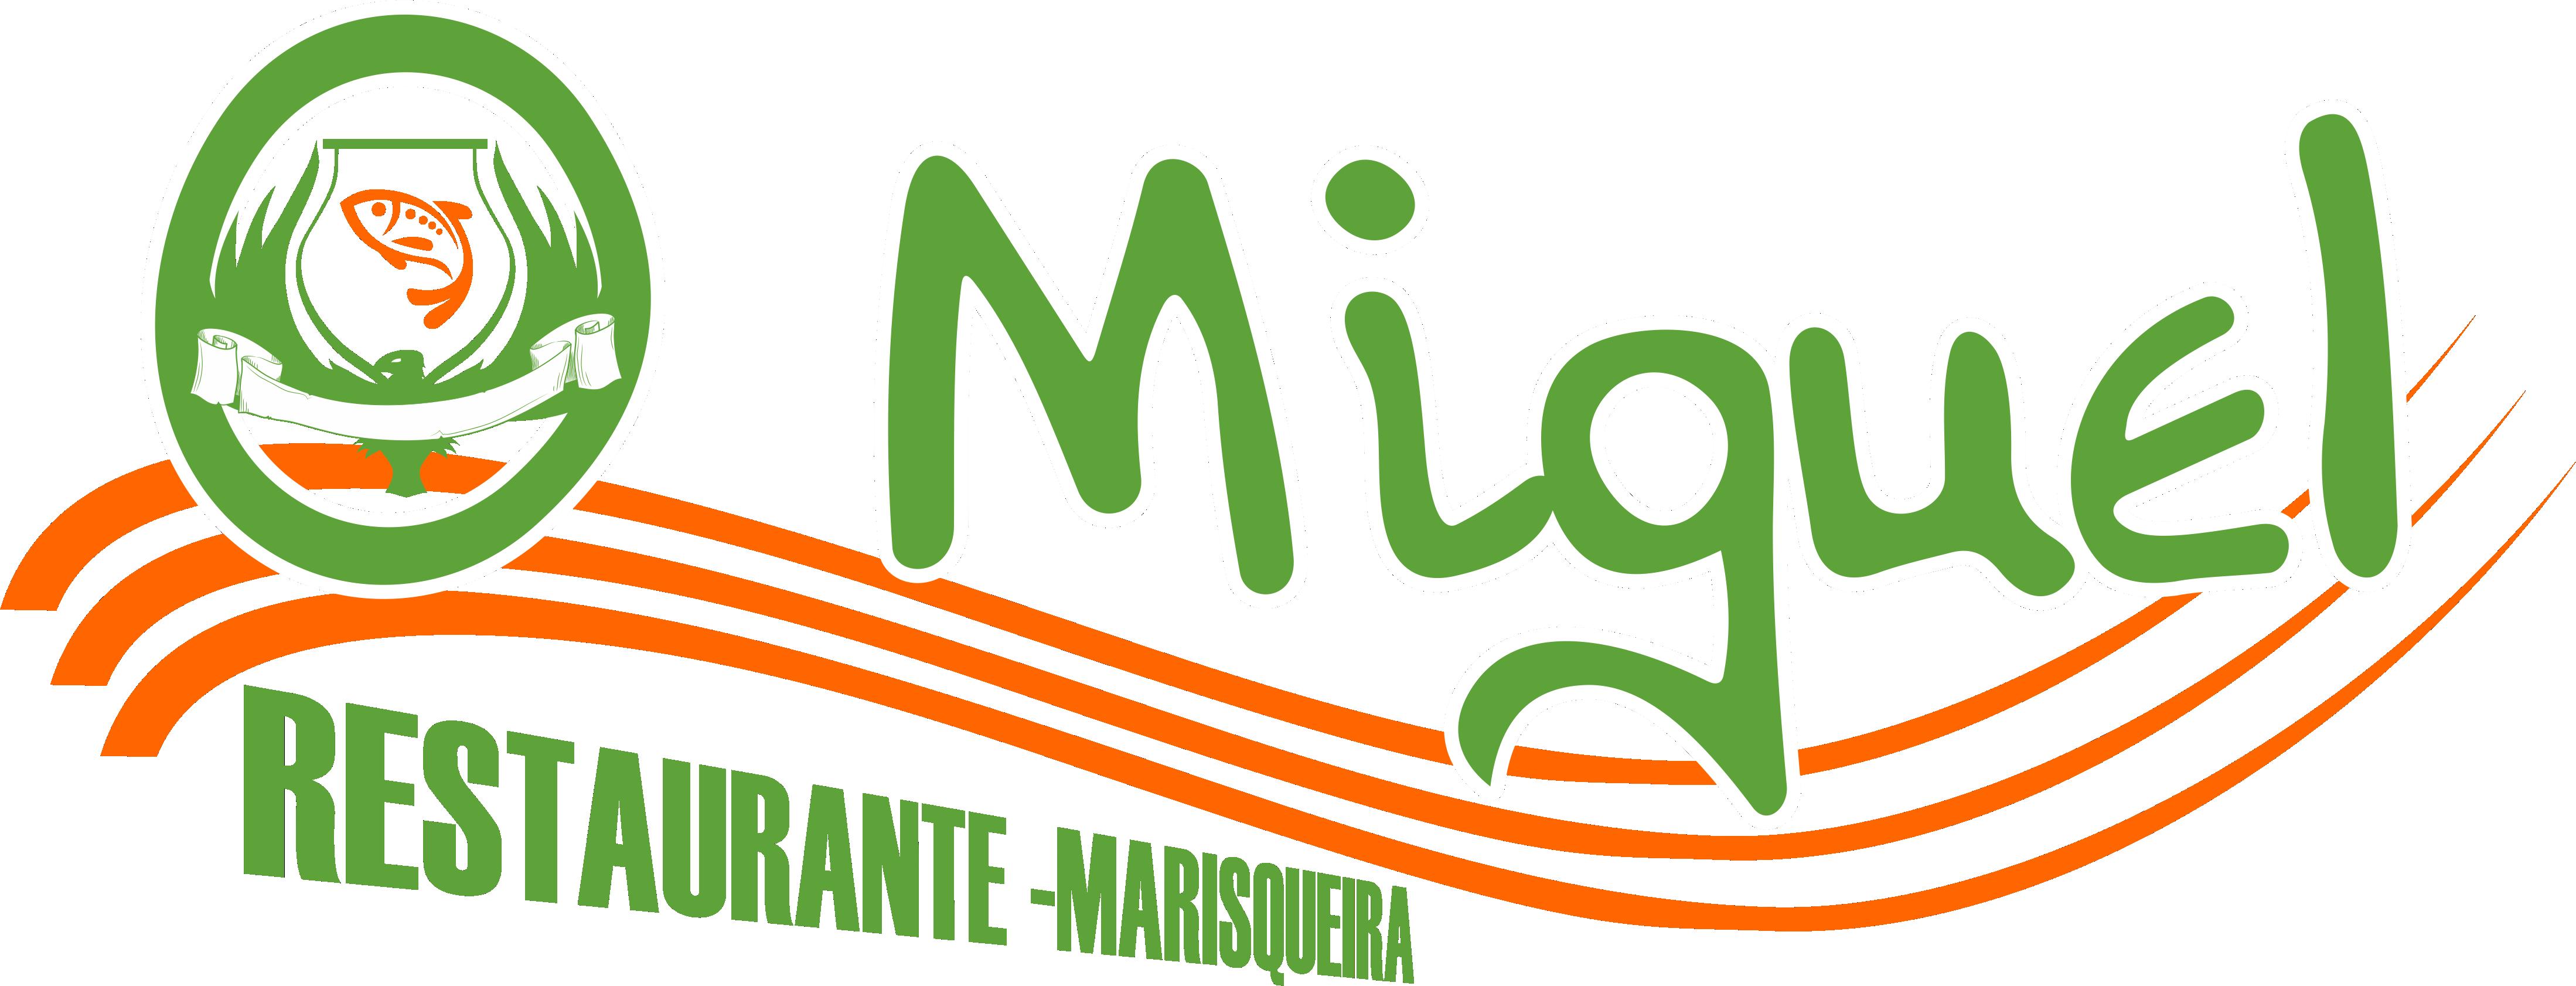 Restaurante O Miguel